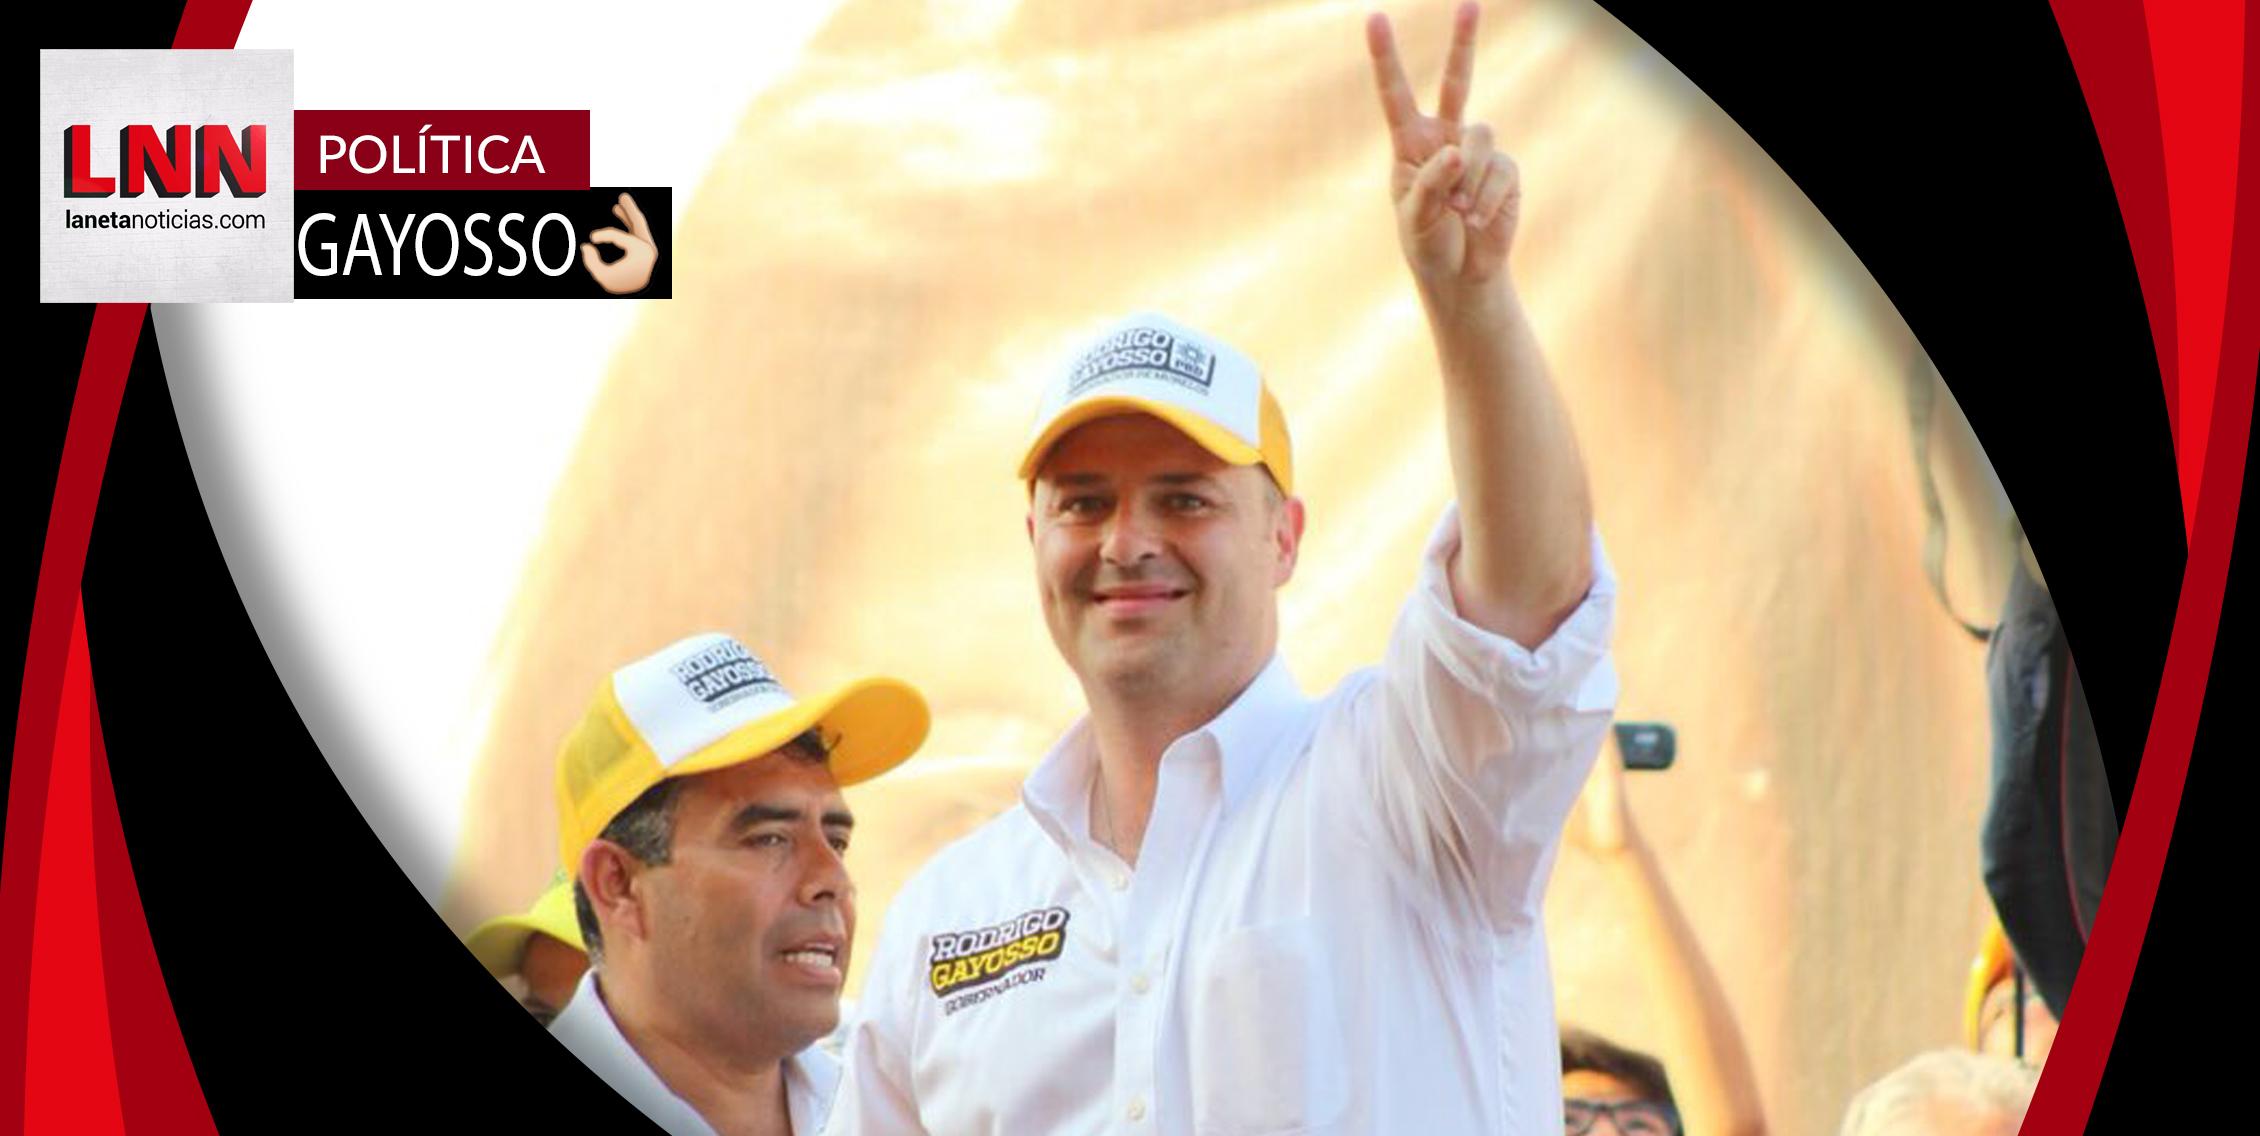 Gayosso, el único candidato en Morelos que crece en las encuestas